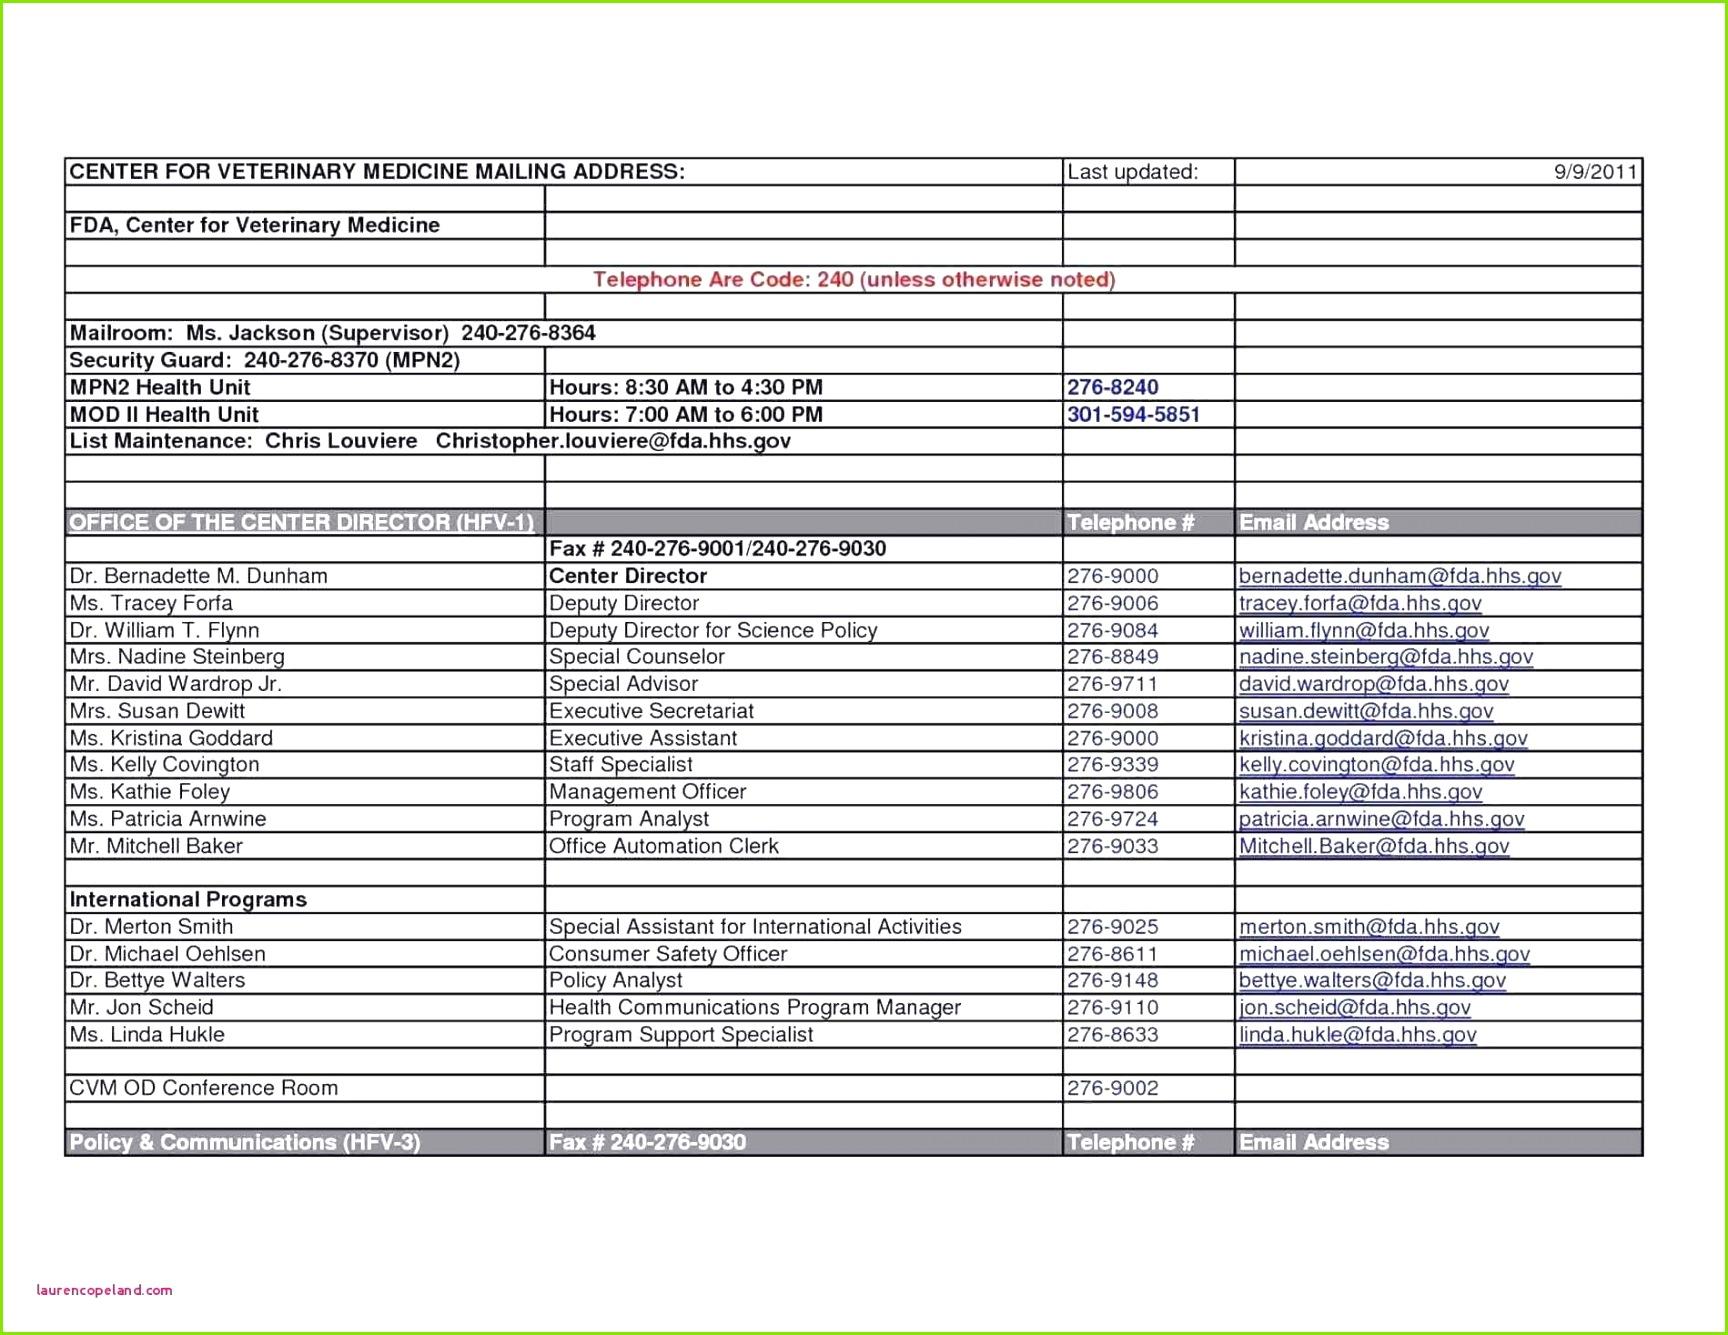 Datev Vorlage Zur Dokumentation Der Taglichen Arbeitszeit Namensschilder Selber Drucken Vorlagennamensschilder Selber Drucken